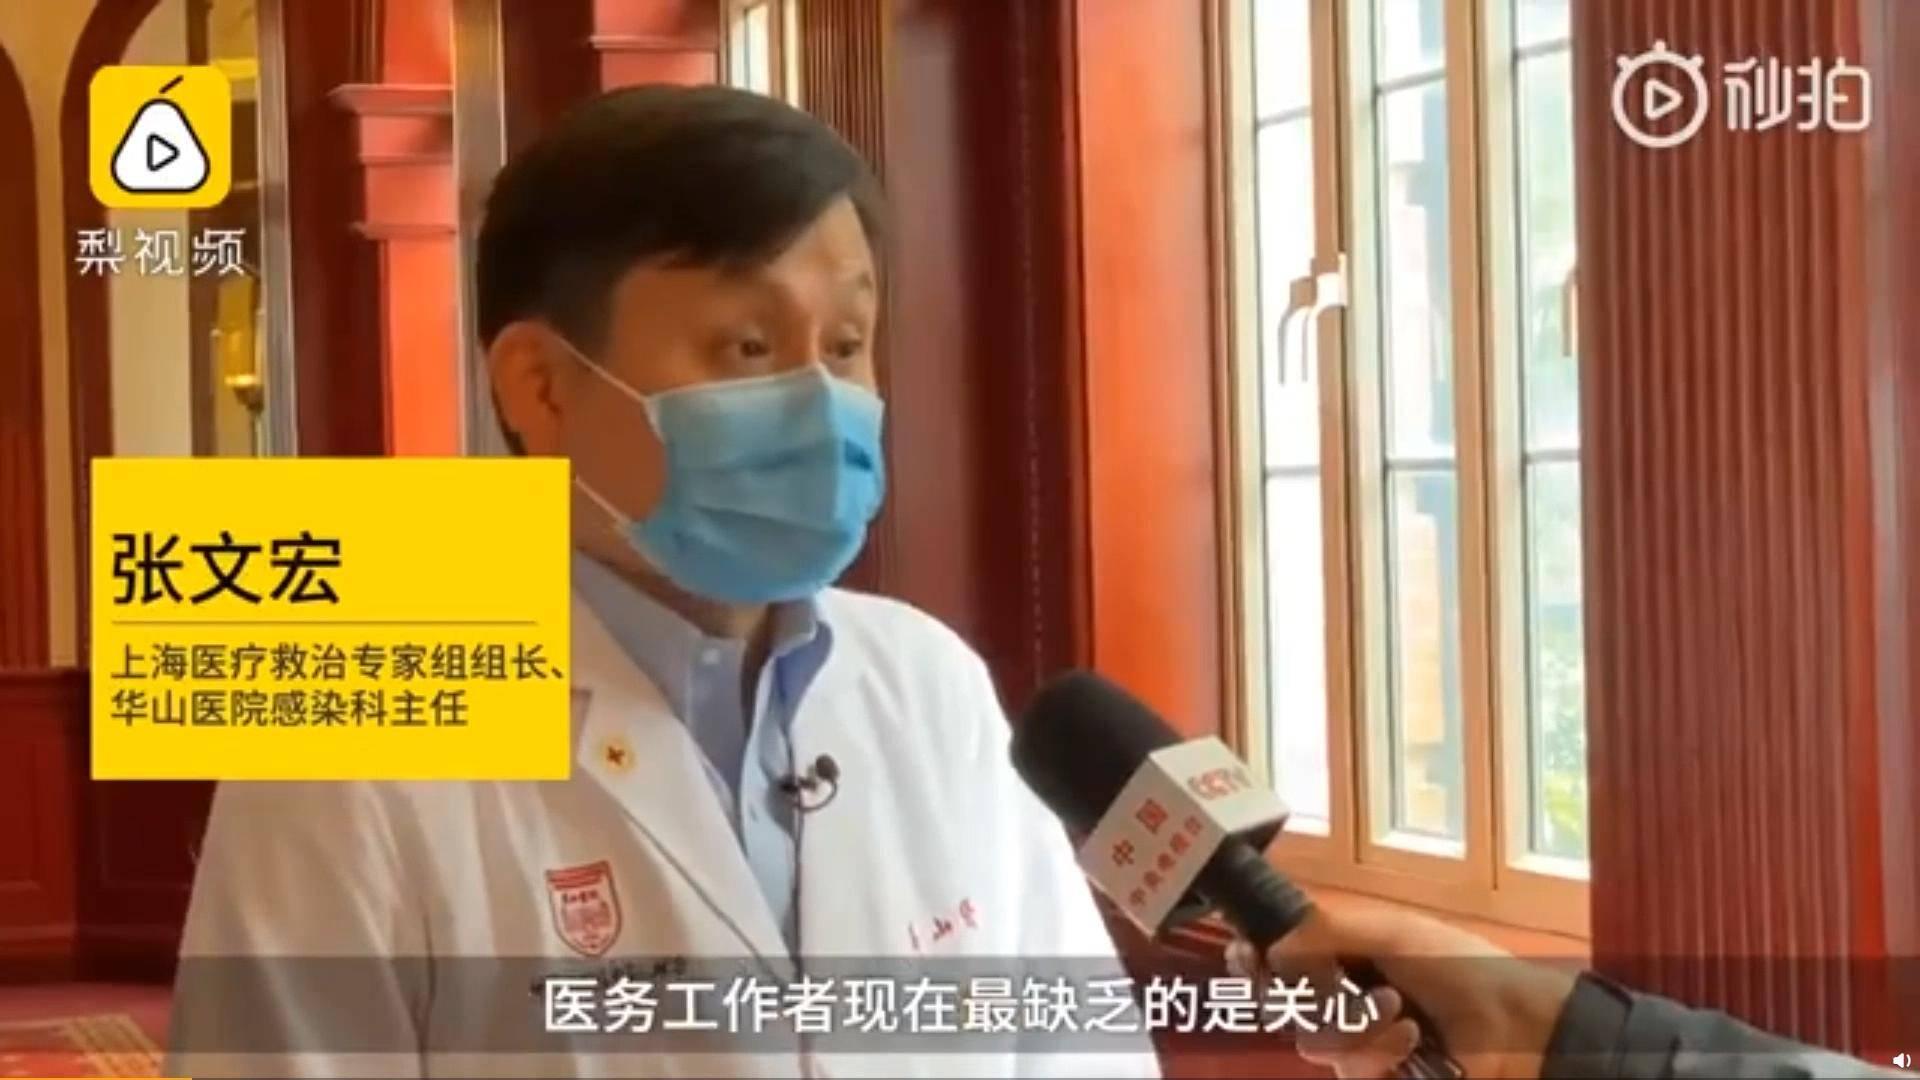 【武汉肺炎】张文宏:现在最缺乏的是关心 不能把医务人员当机器